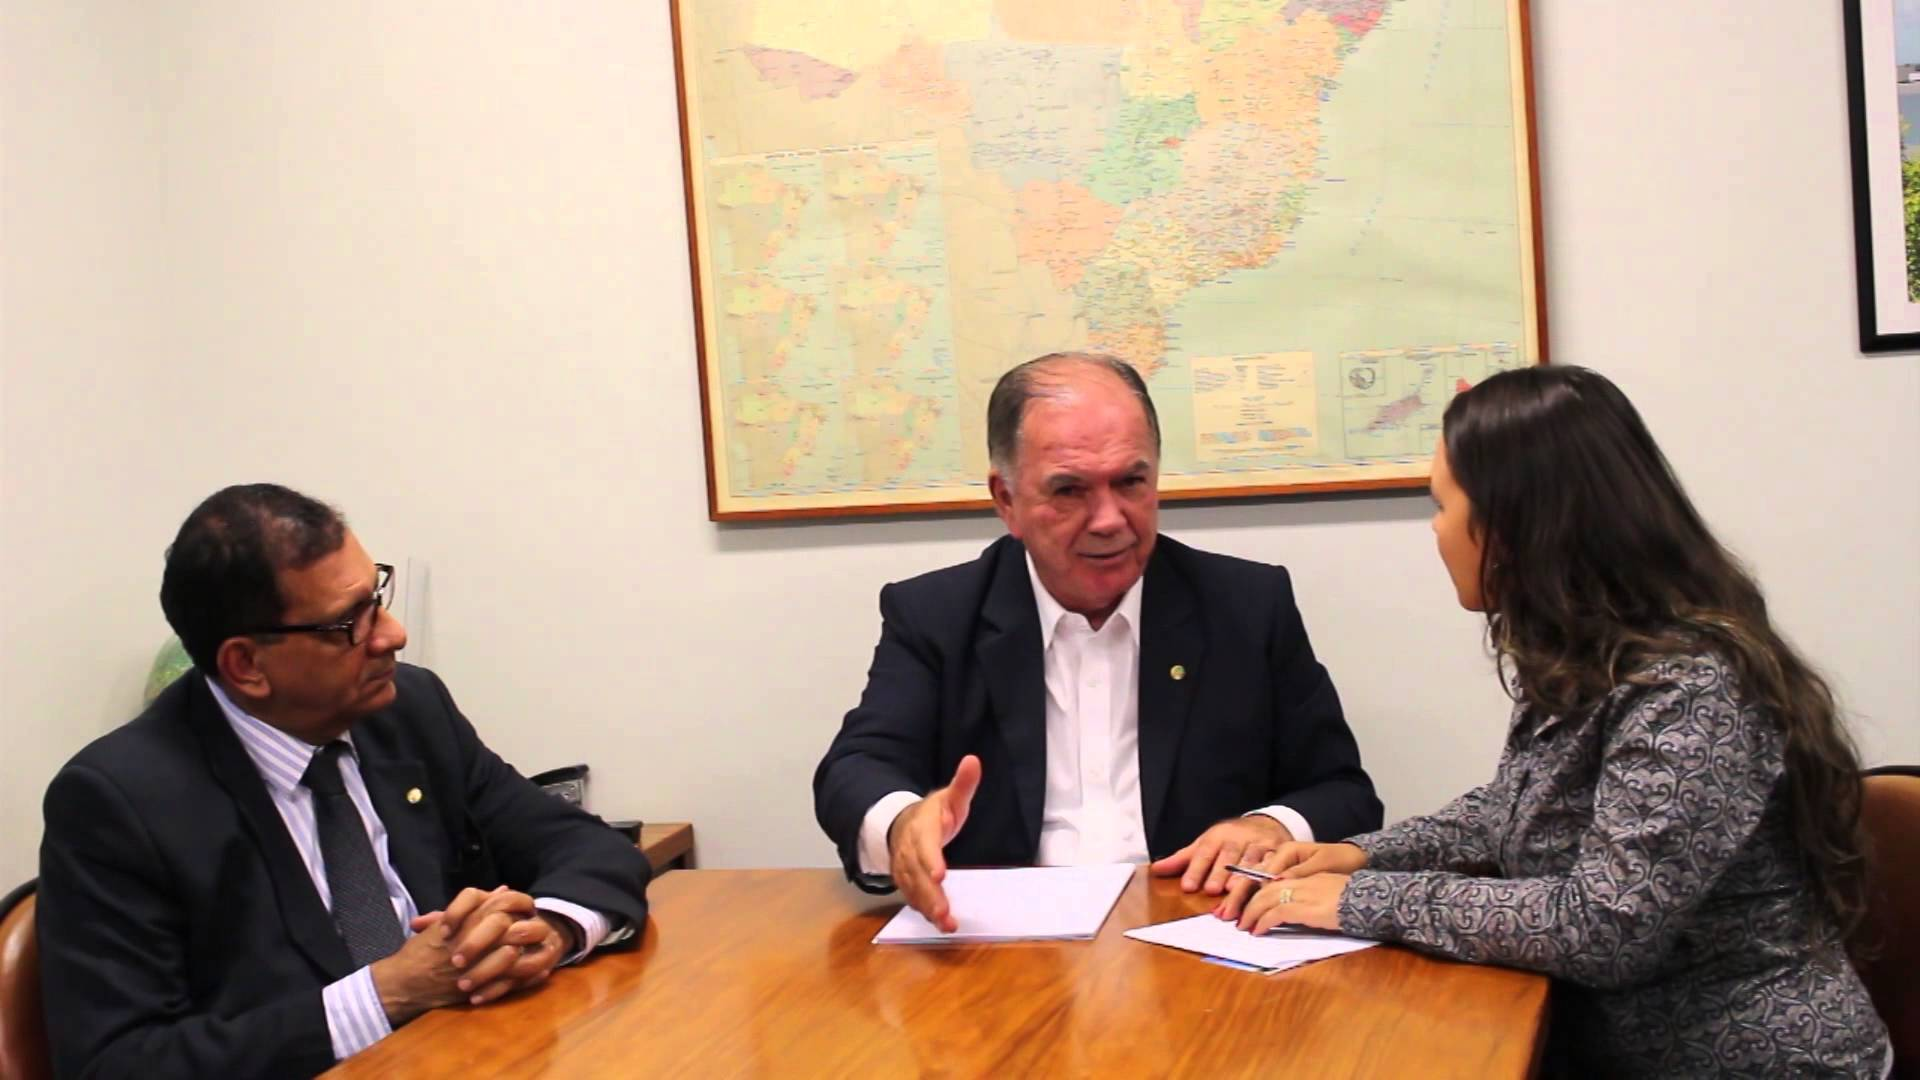 Jabes Ribeiro e João Leão.  Imagem: Youtube/reprodução.